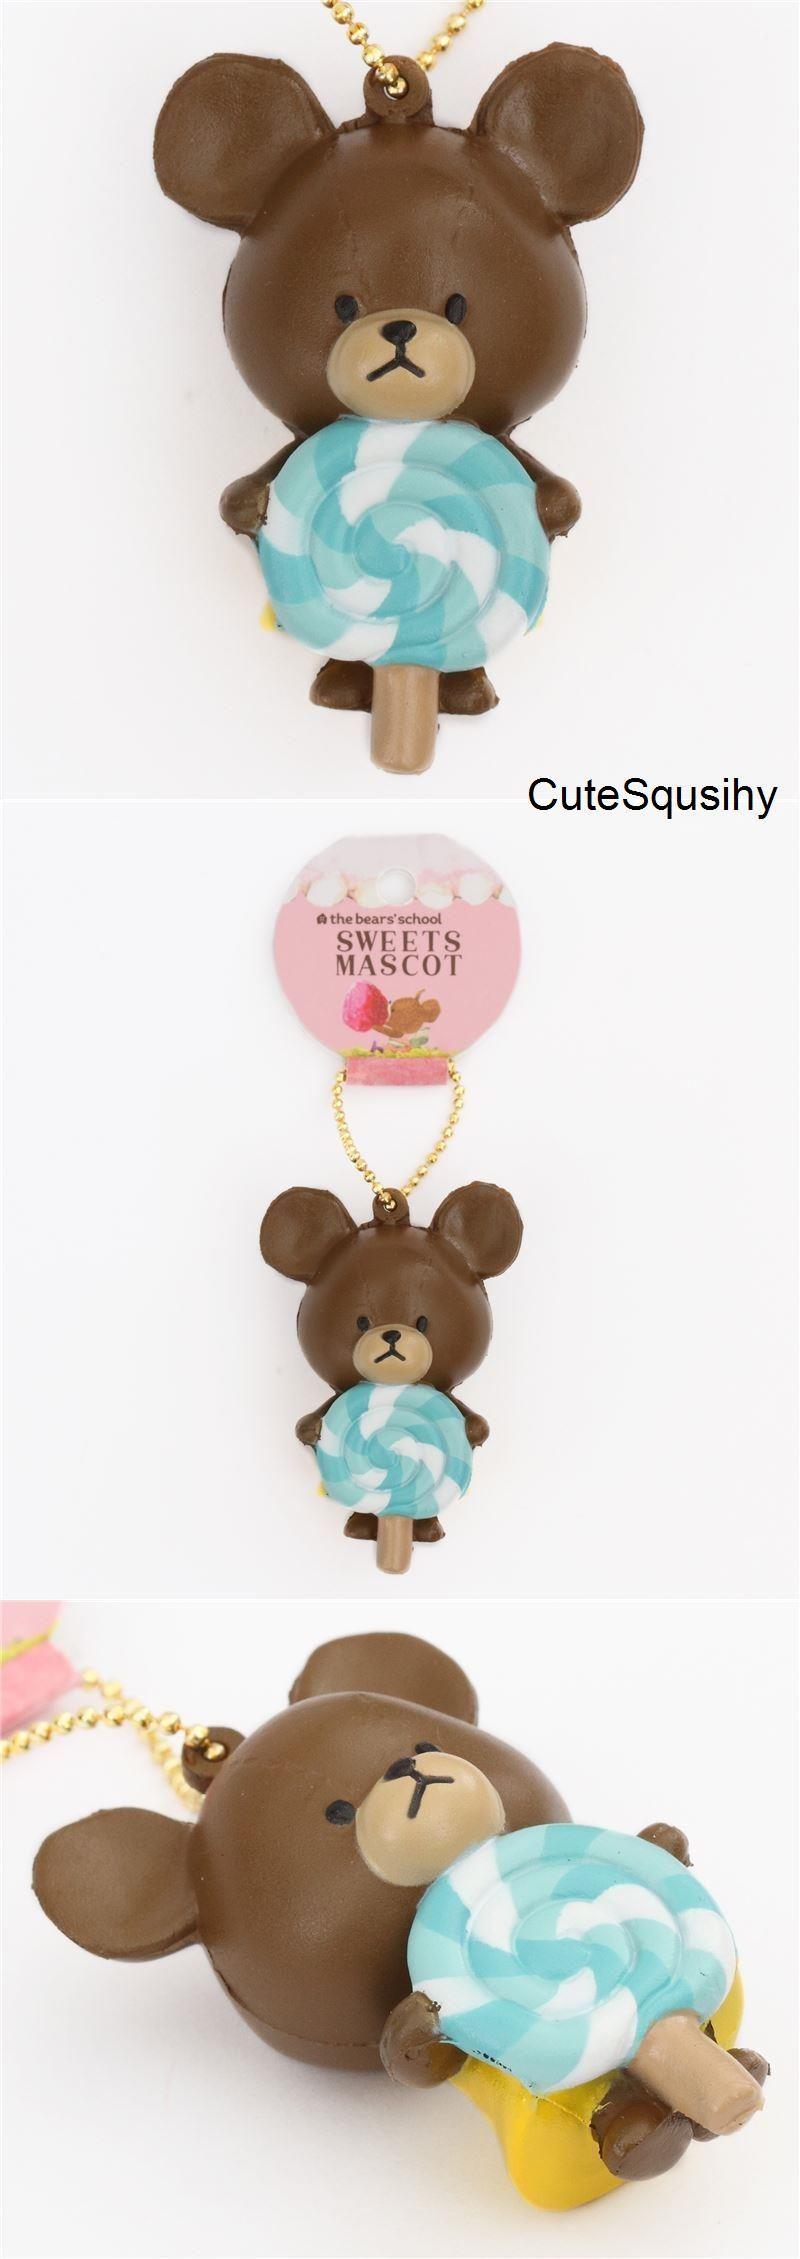 Épinglé par sur Squishy Toys (cutesquishy